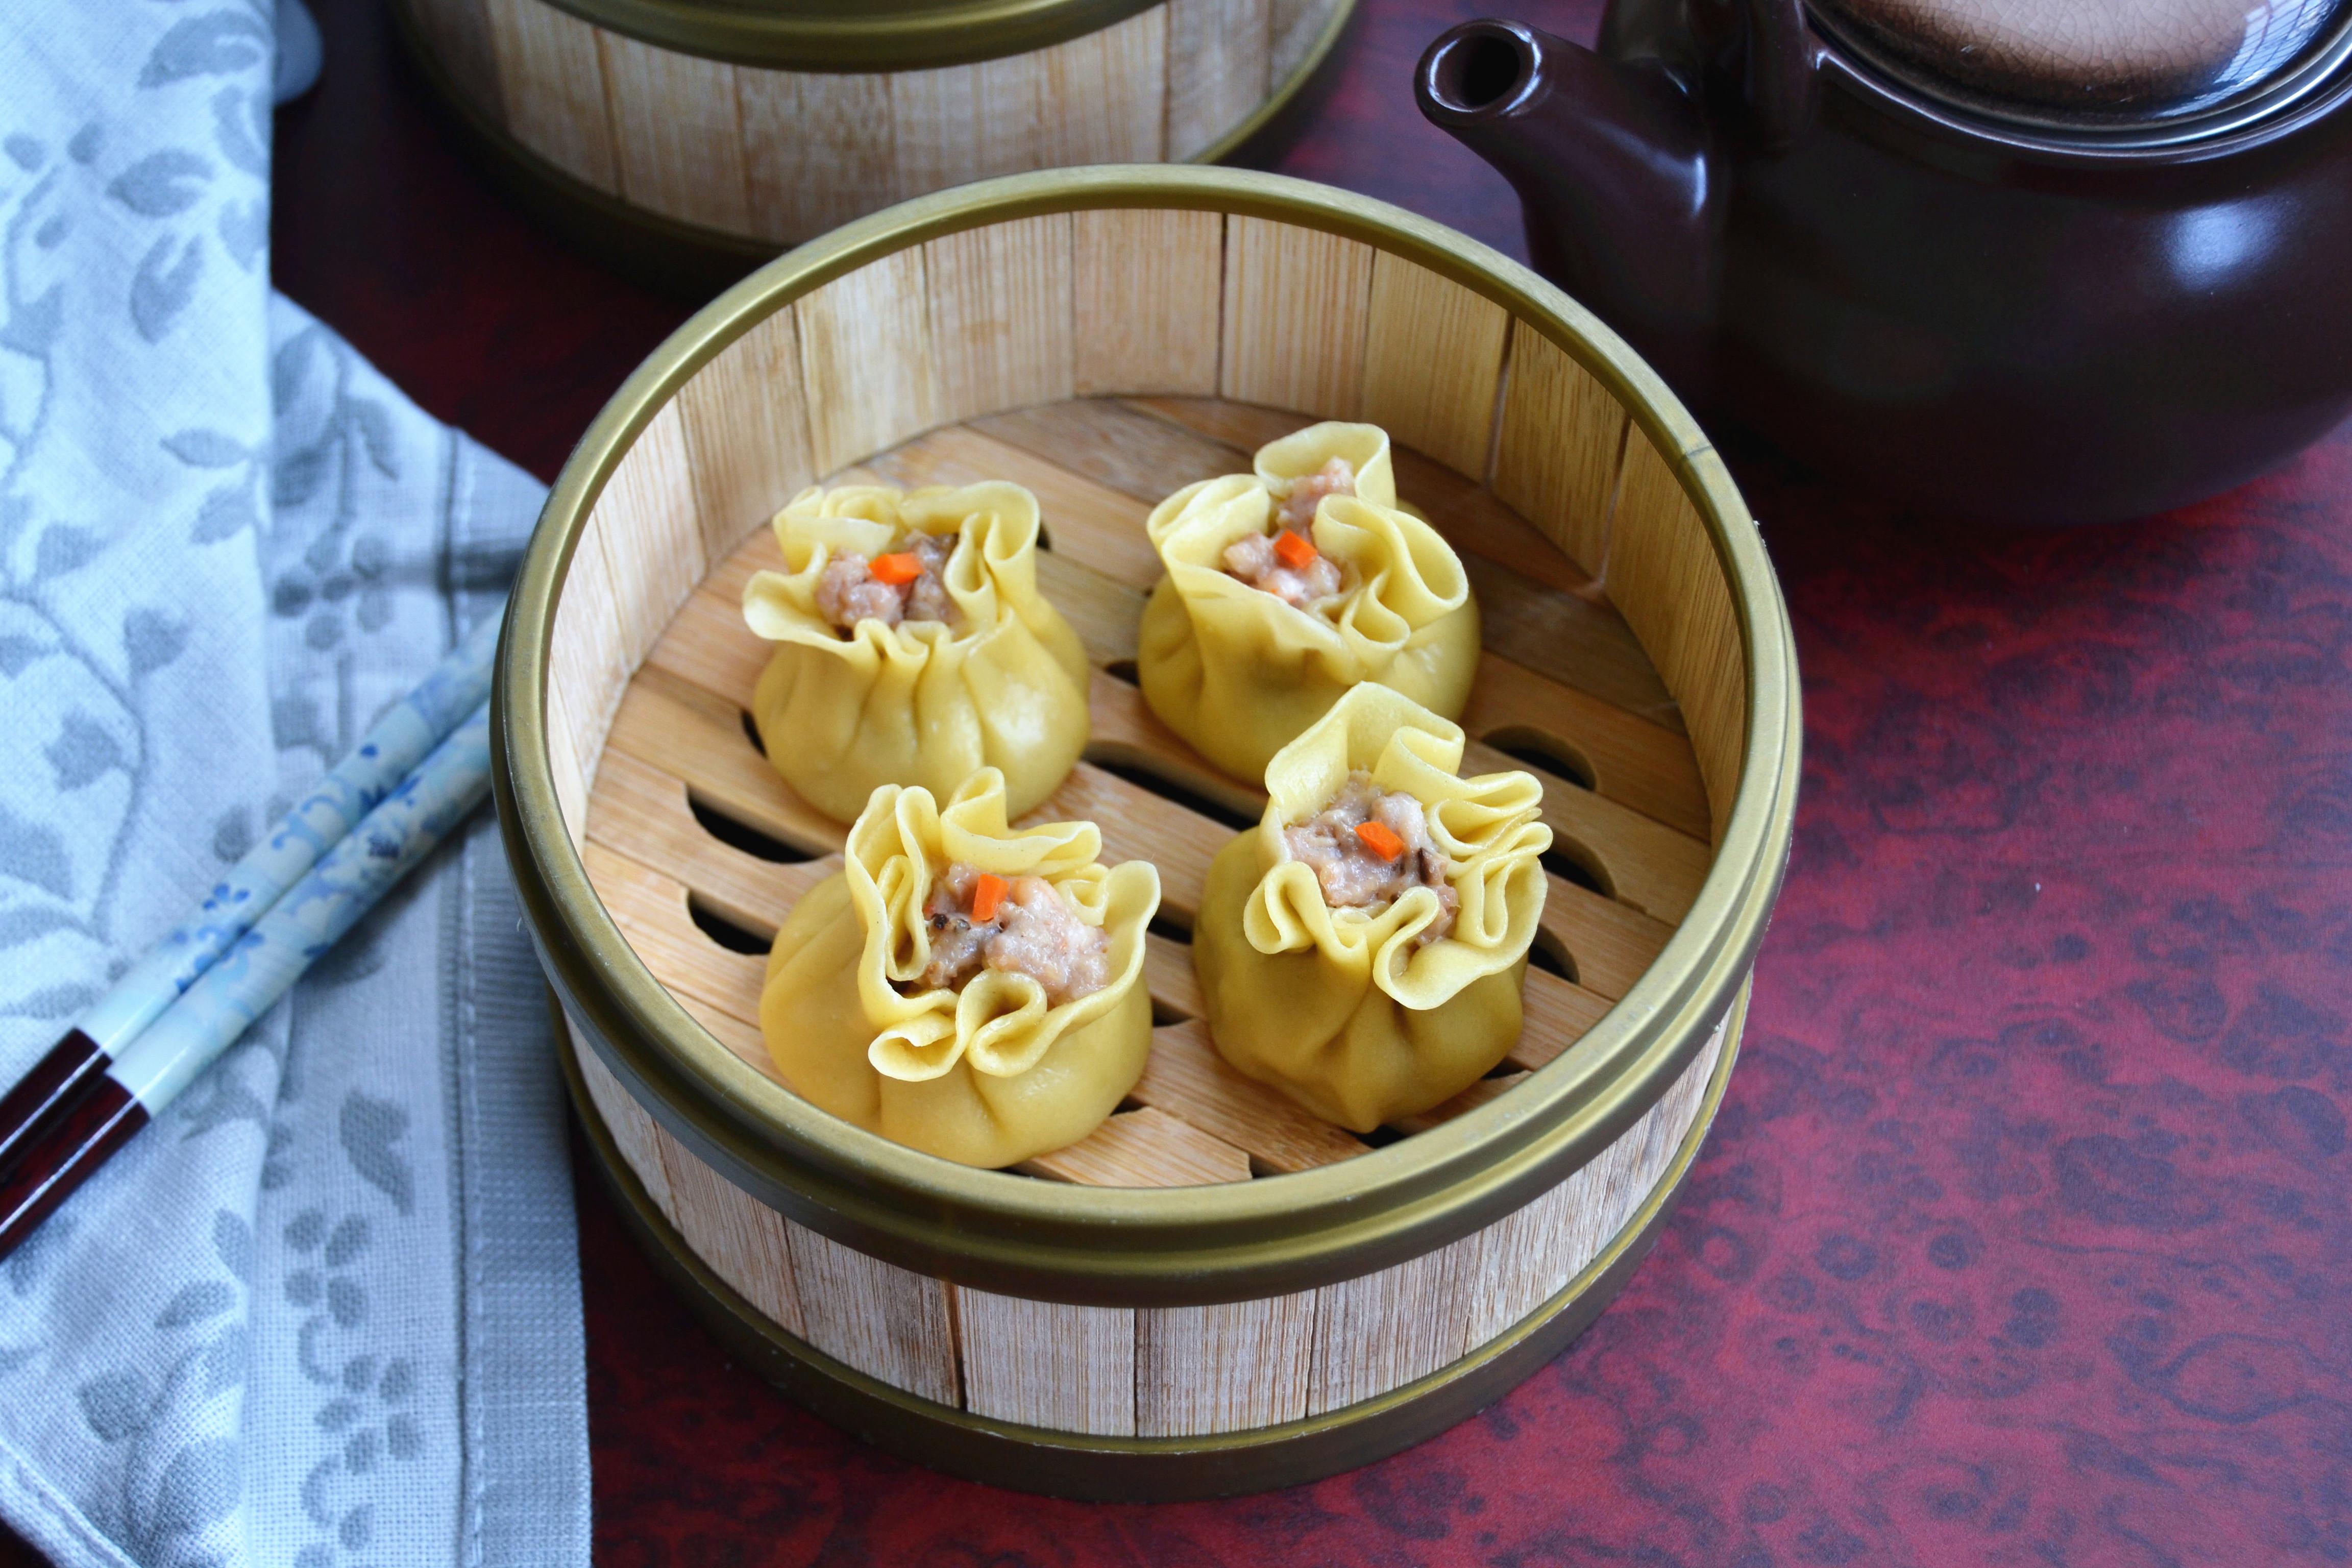 广东省点心美味小吃干蒸烧麦,超详细版,在家中也可以作出茶楼的口感